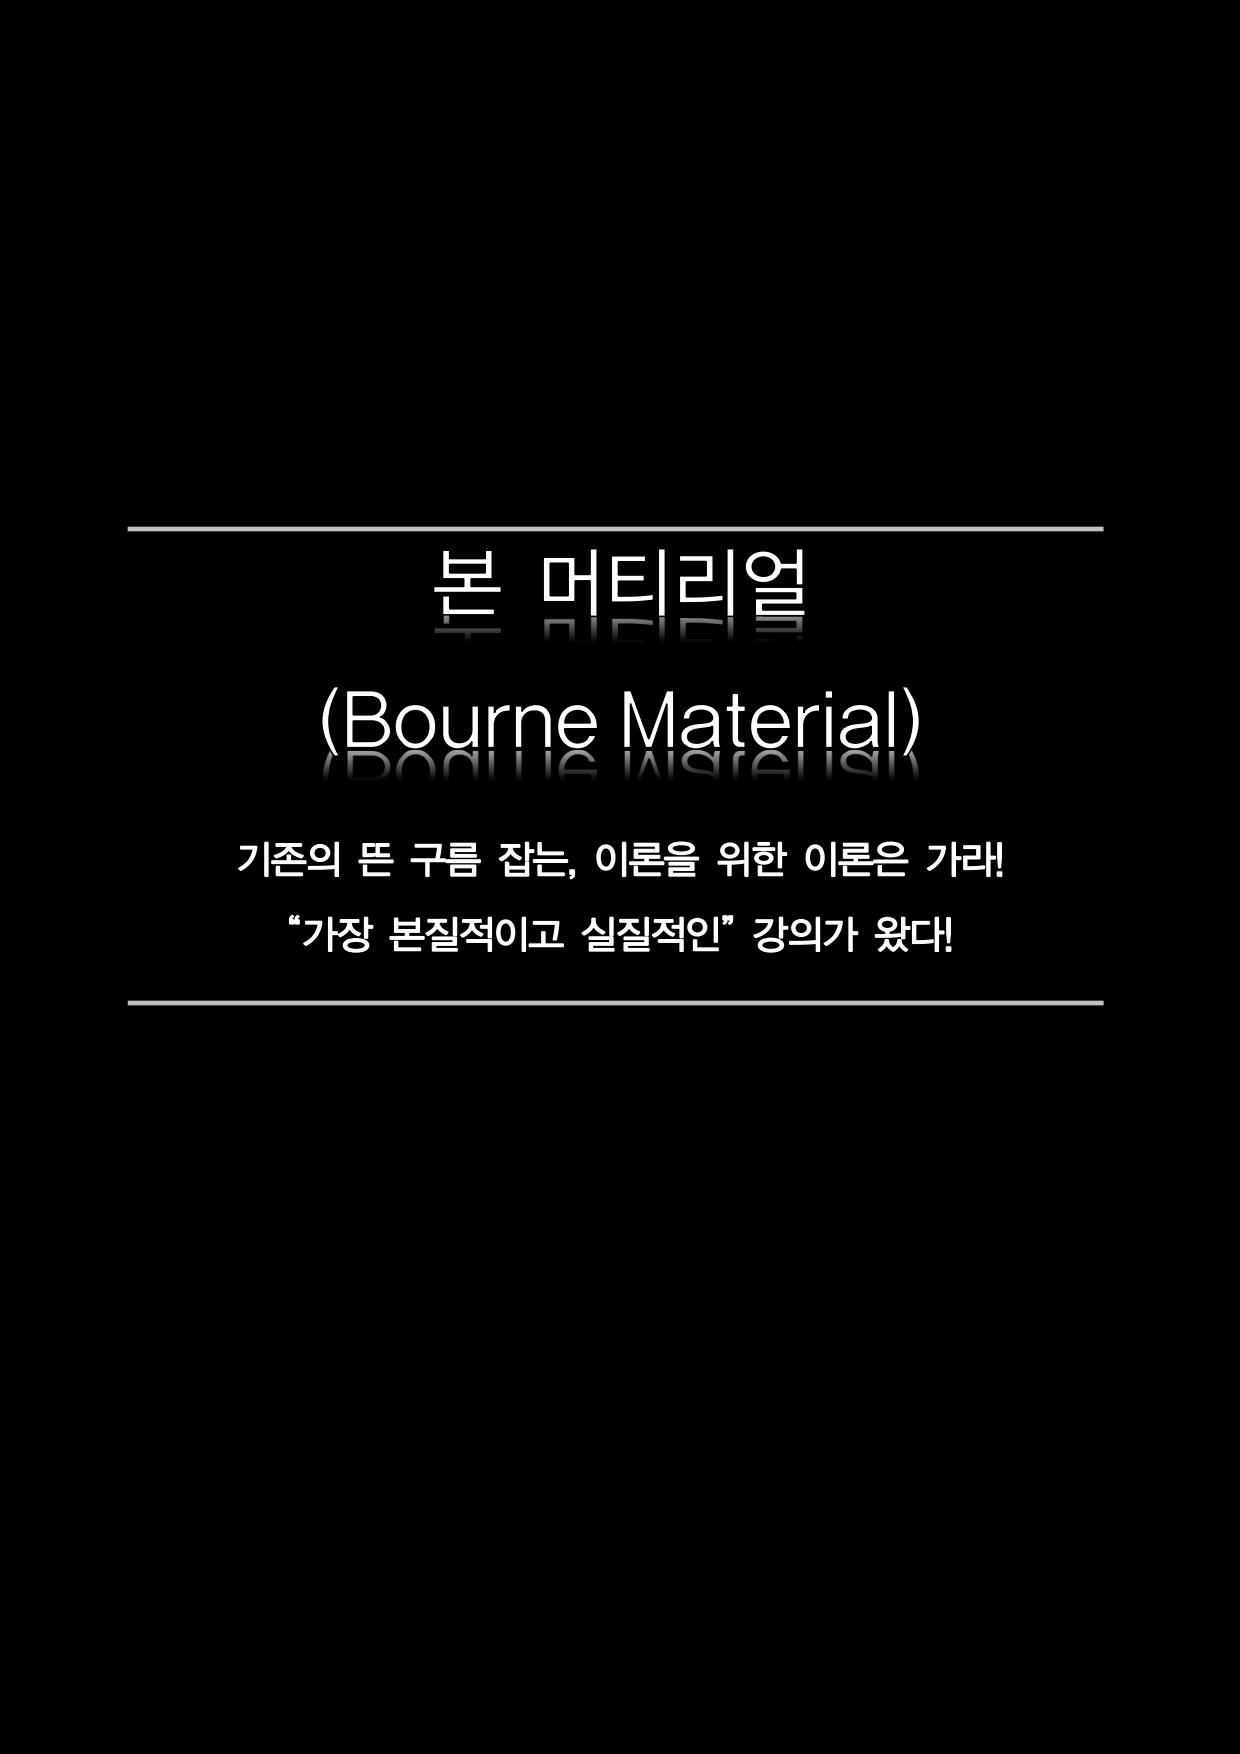 본 머티리어 1회차 홍보글 v3(수강후기 따로 편집요함)_02.png